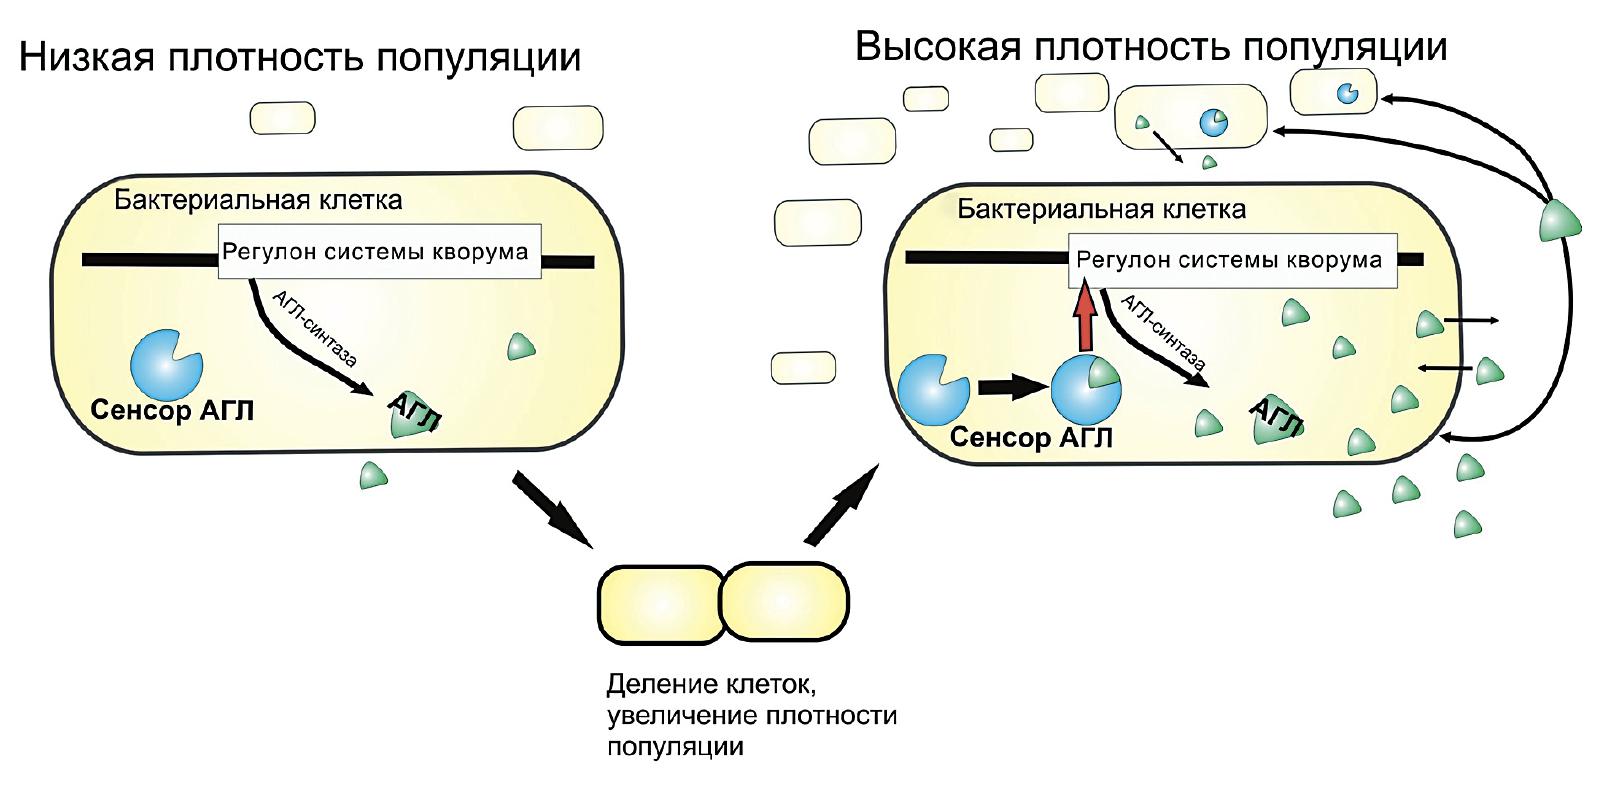 Схема регуляторной системы чувства кворума бактерий